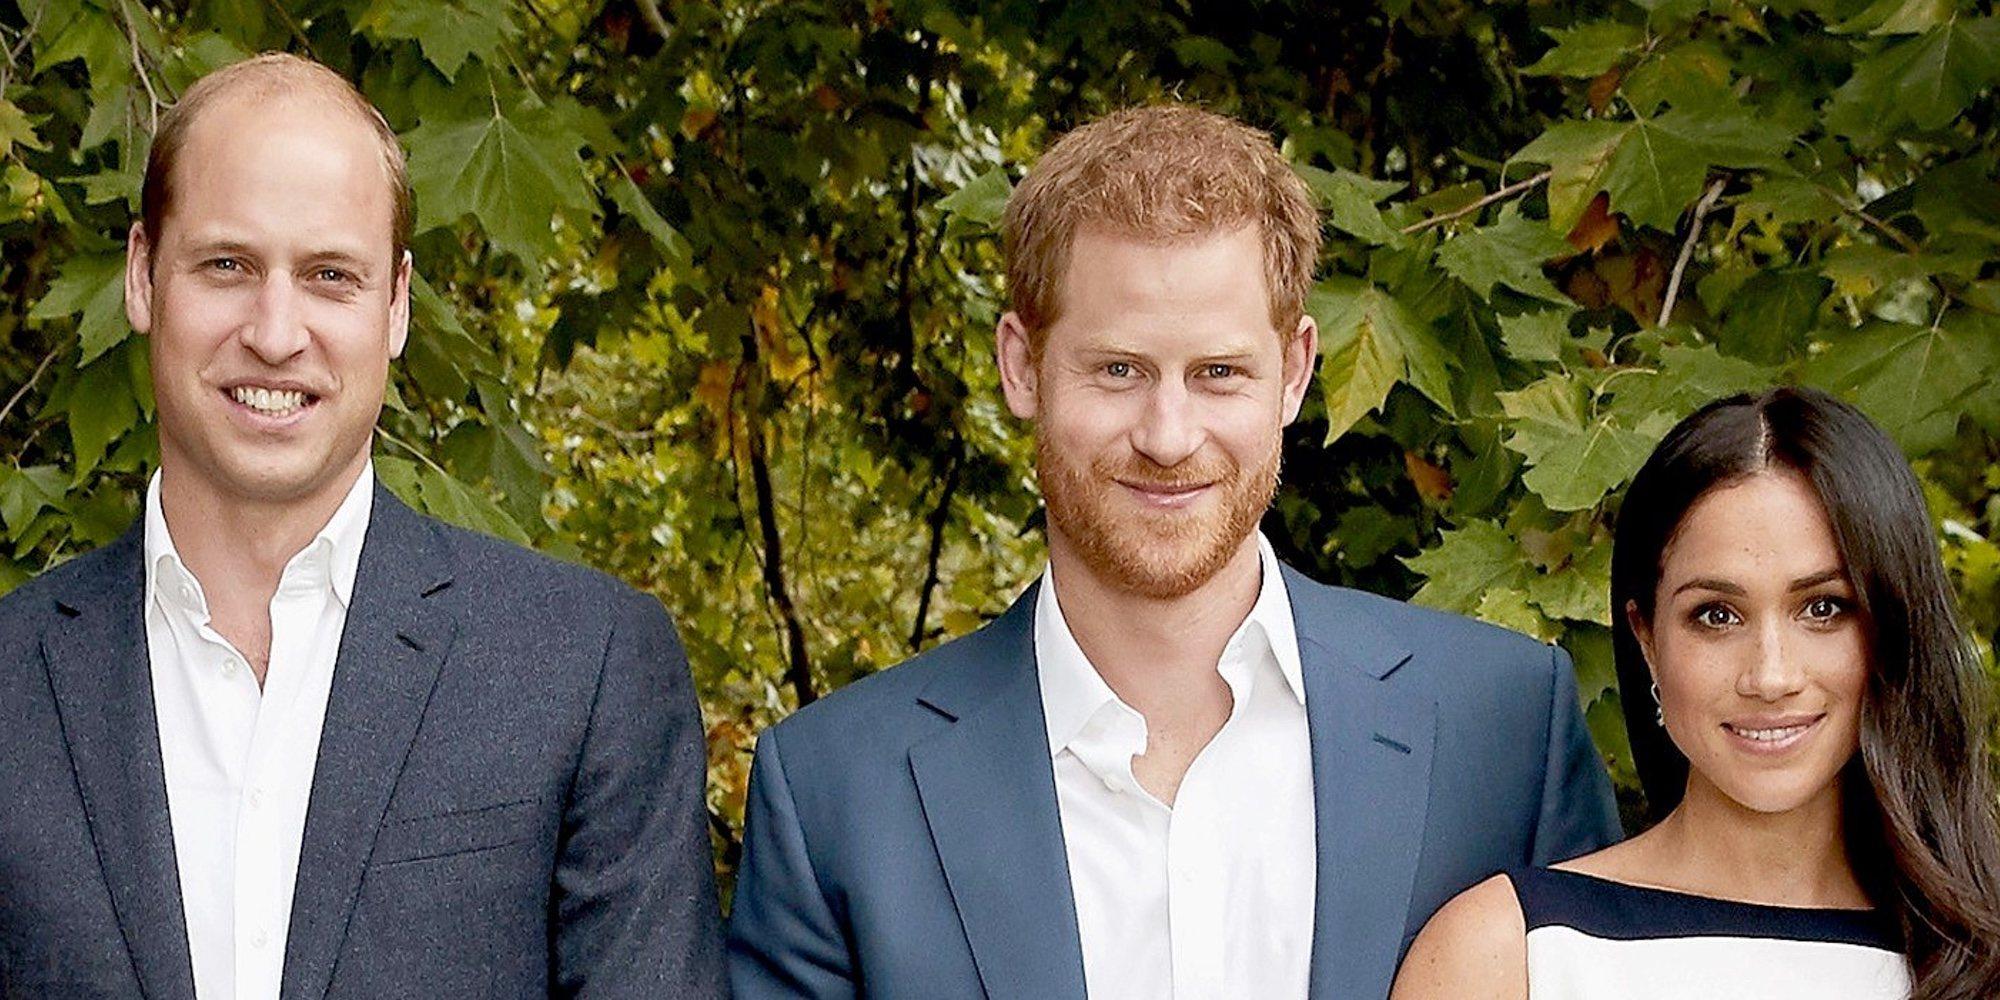 La homosexualidad en la Familia Real Británica: de Lord Ivar Mountbatten al apoyo del Príncipe Harry y Meghan Markle